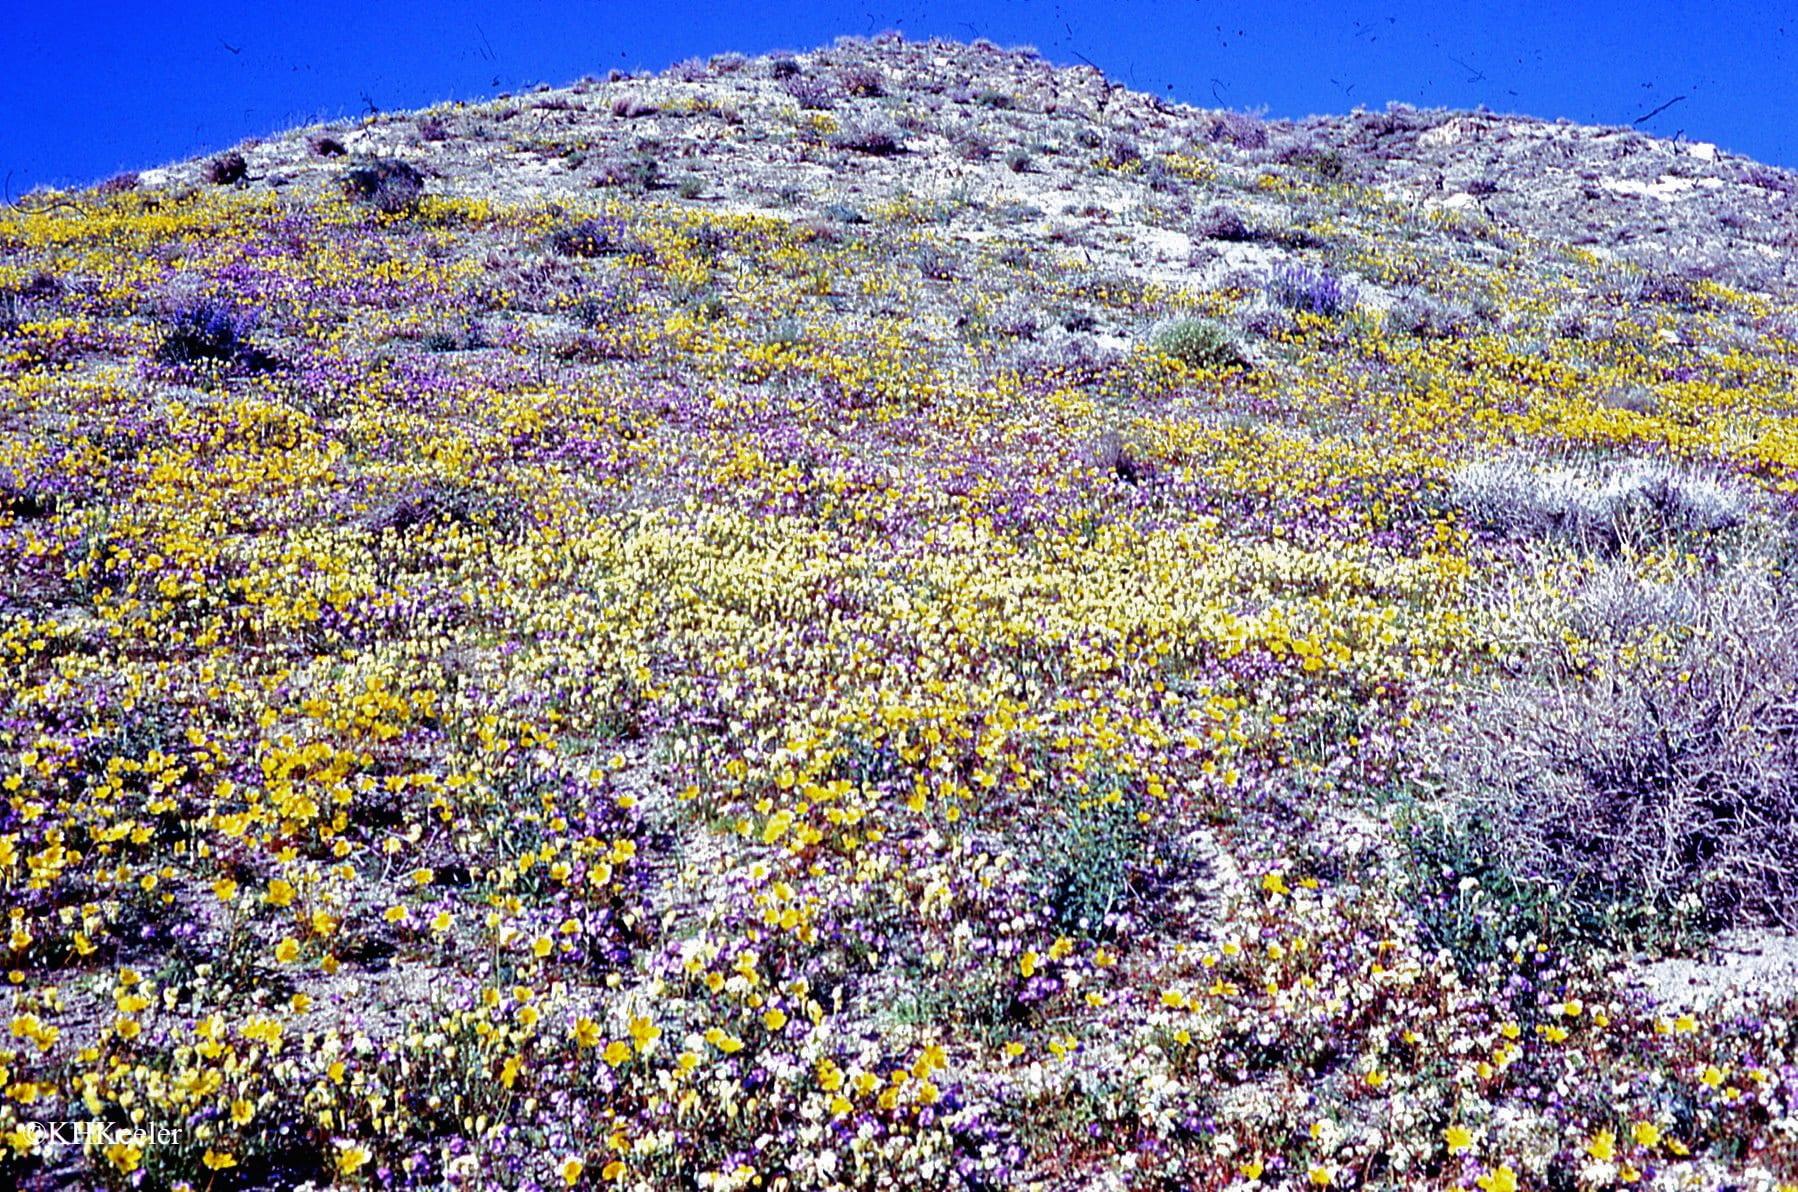 California spring wildflowers